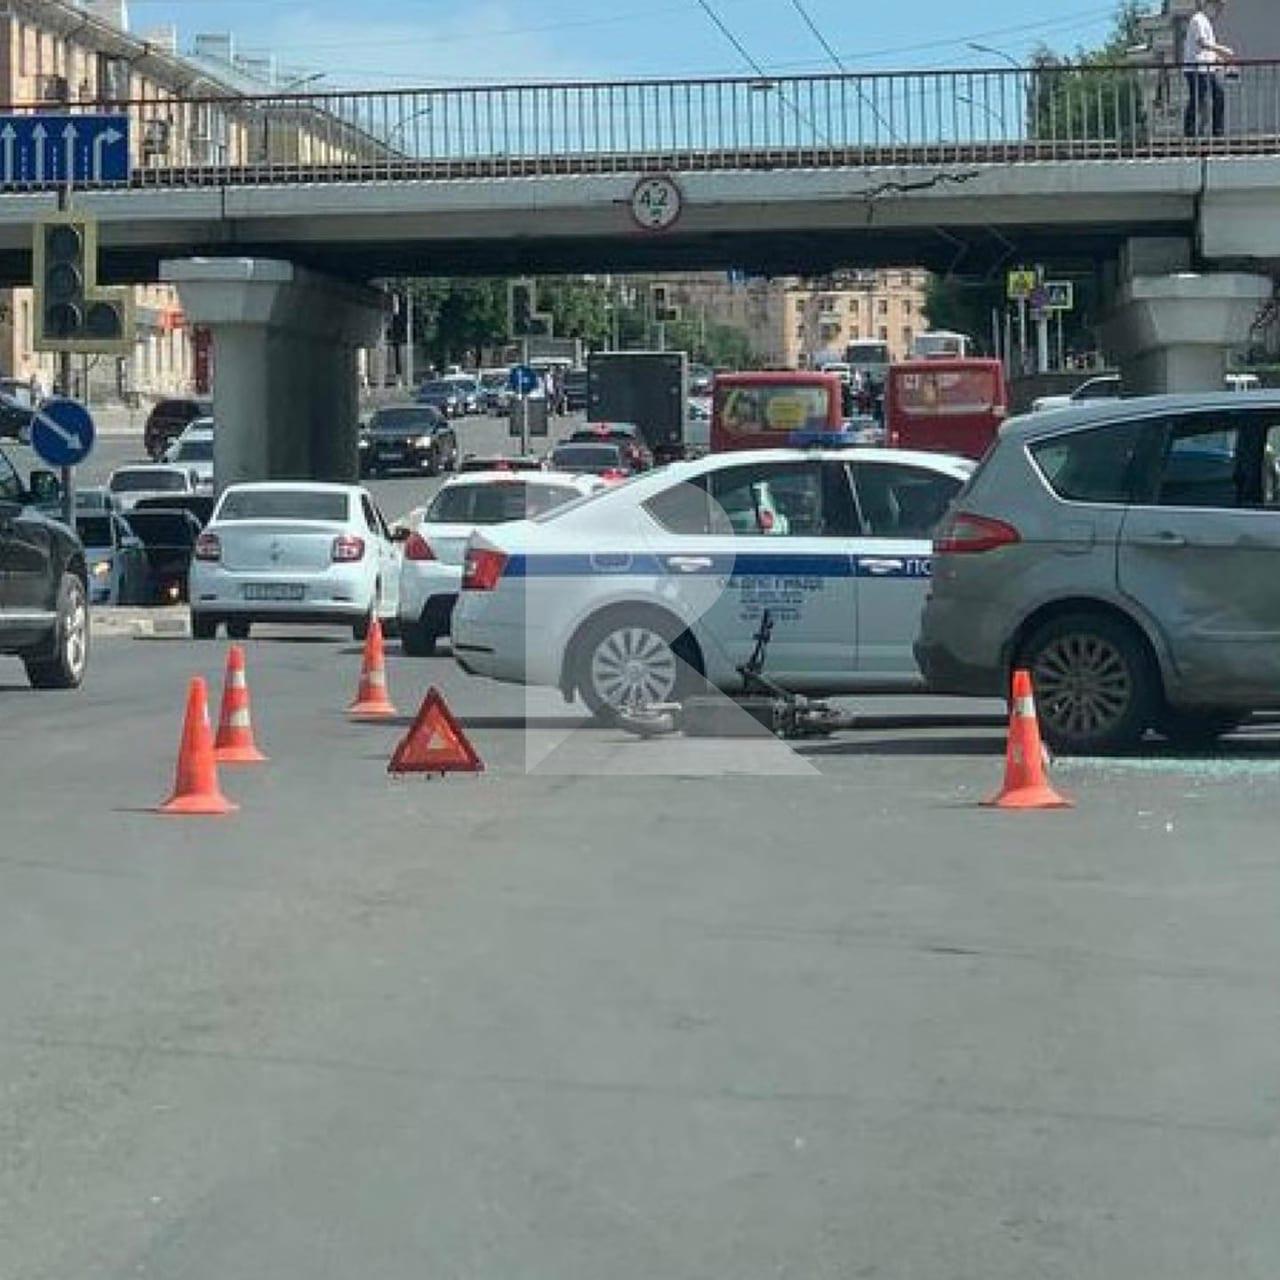 В Госавтоинспекции прокомментировали ДТП с электросамокатом в Рязани